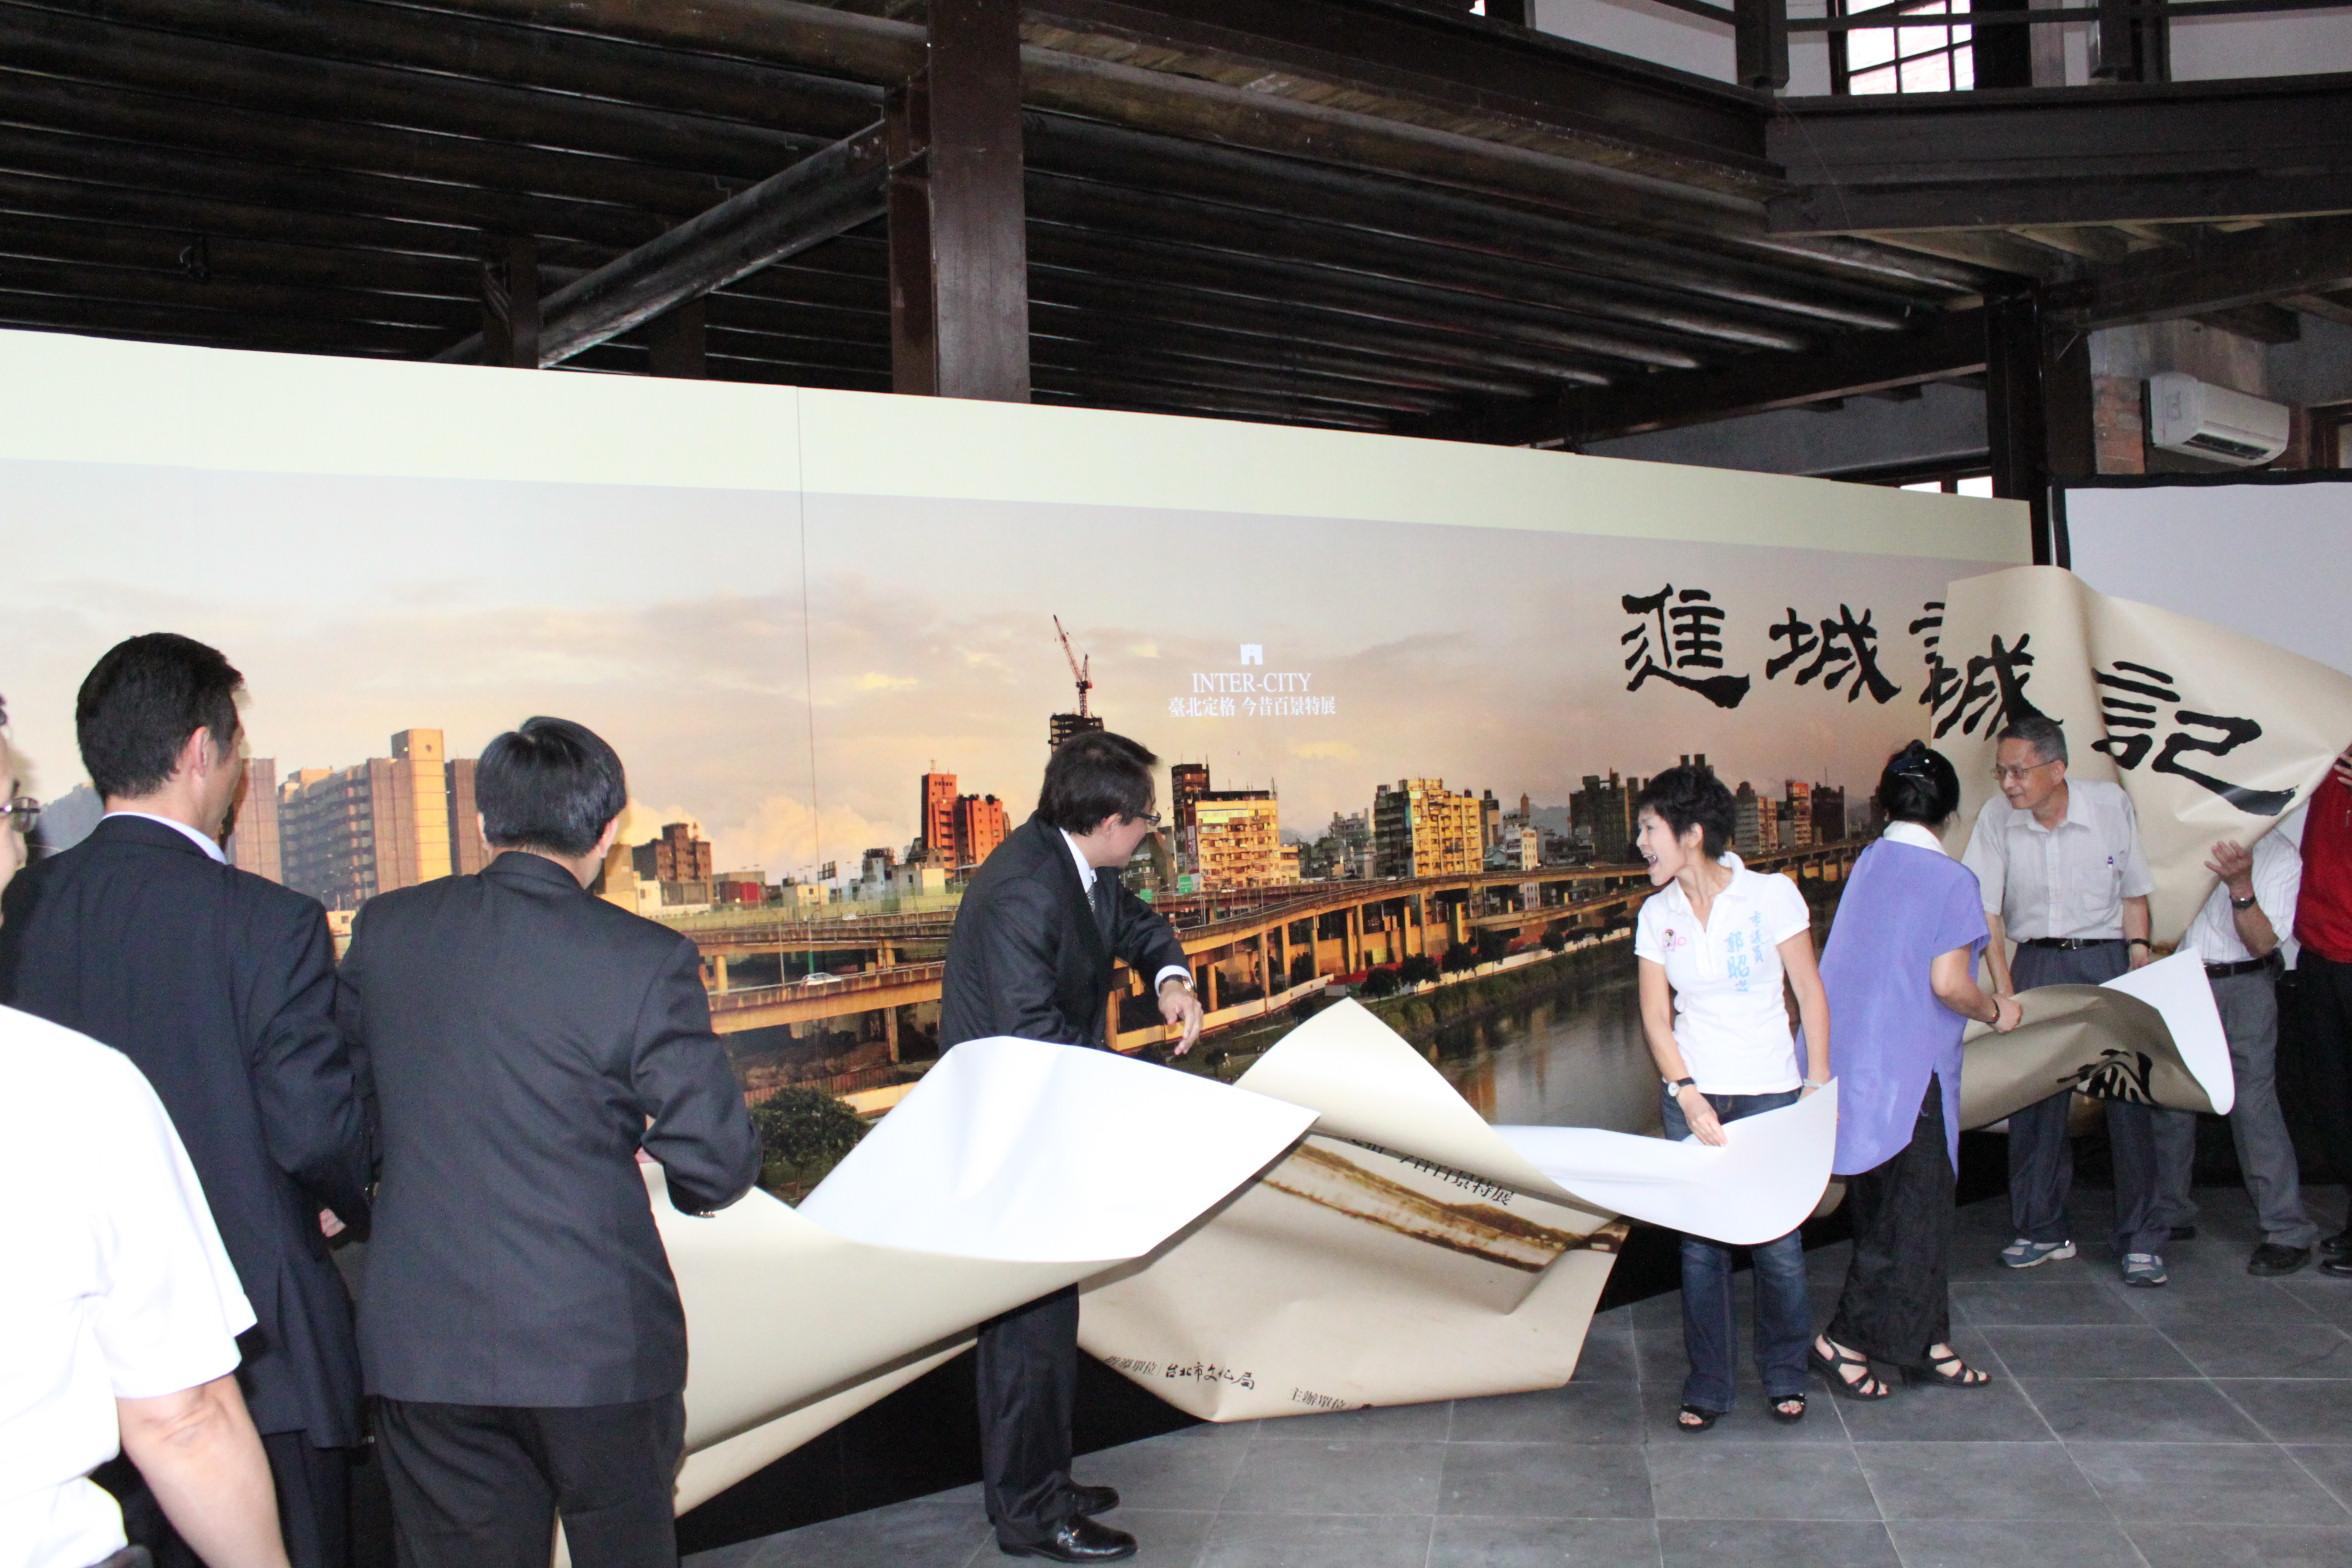 圖表:特展開幕儀式由邱文祥副市長(左三)、郭昭巖議員(左四)等貴賓共同揭開臺北古河岸照片